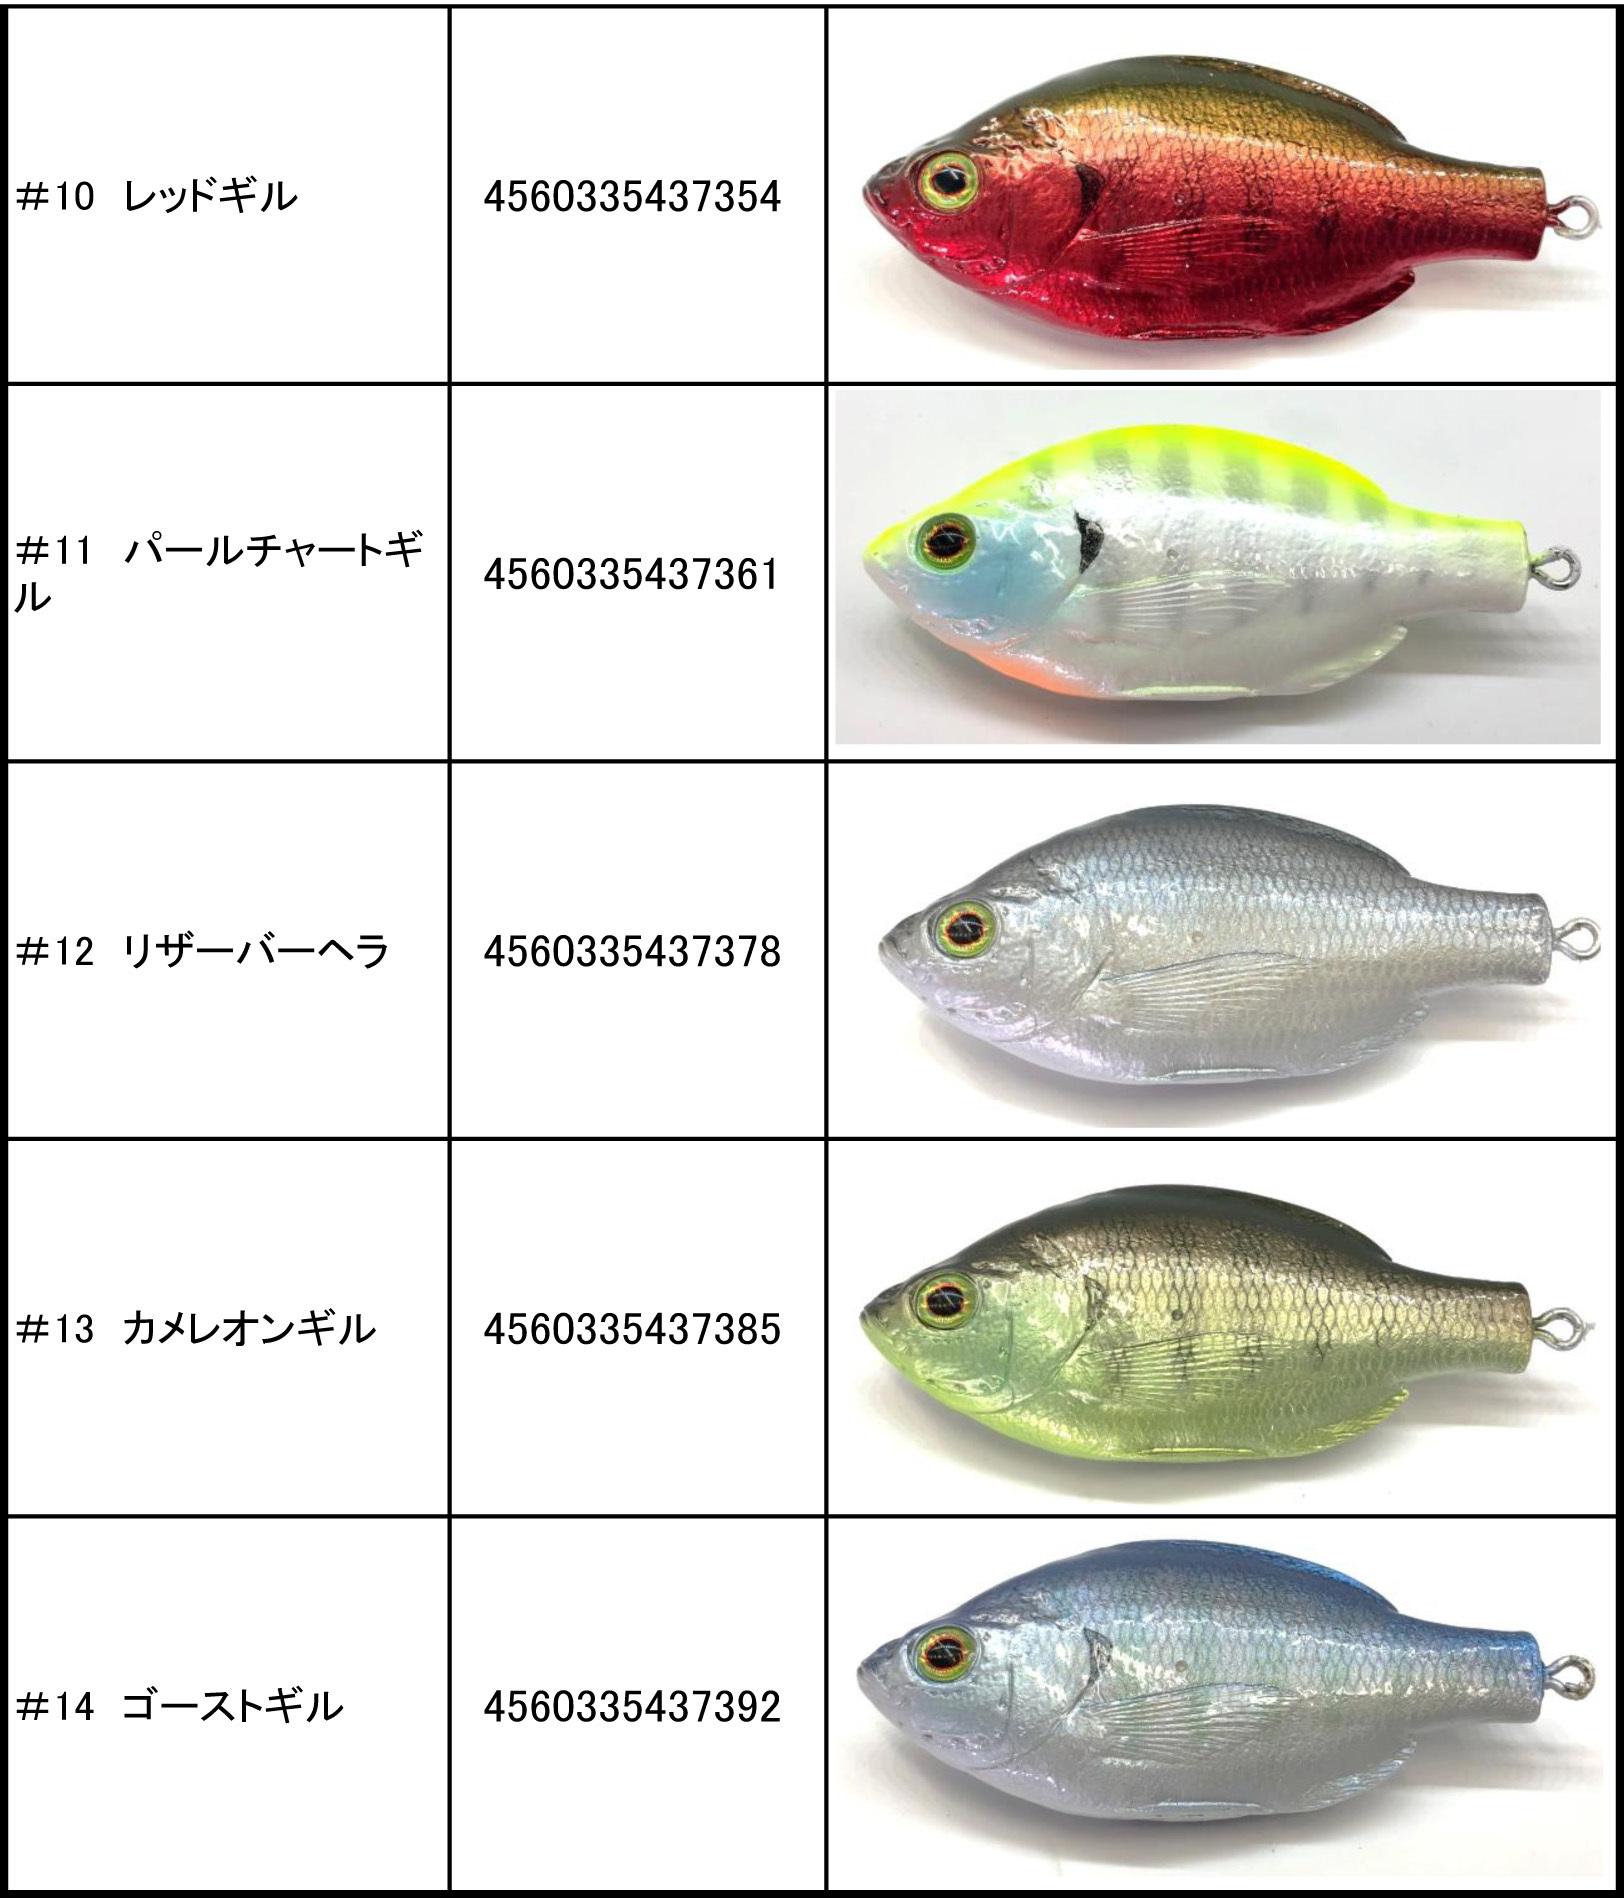 タイニーゾーイ紹介_a0040876_18130673.jpg